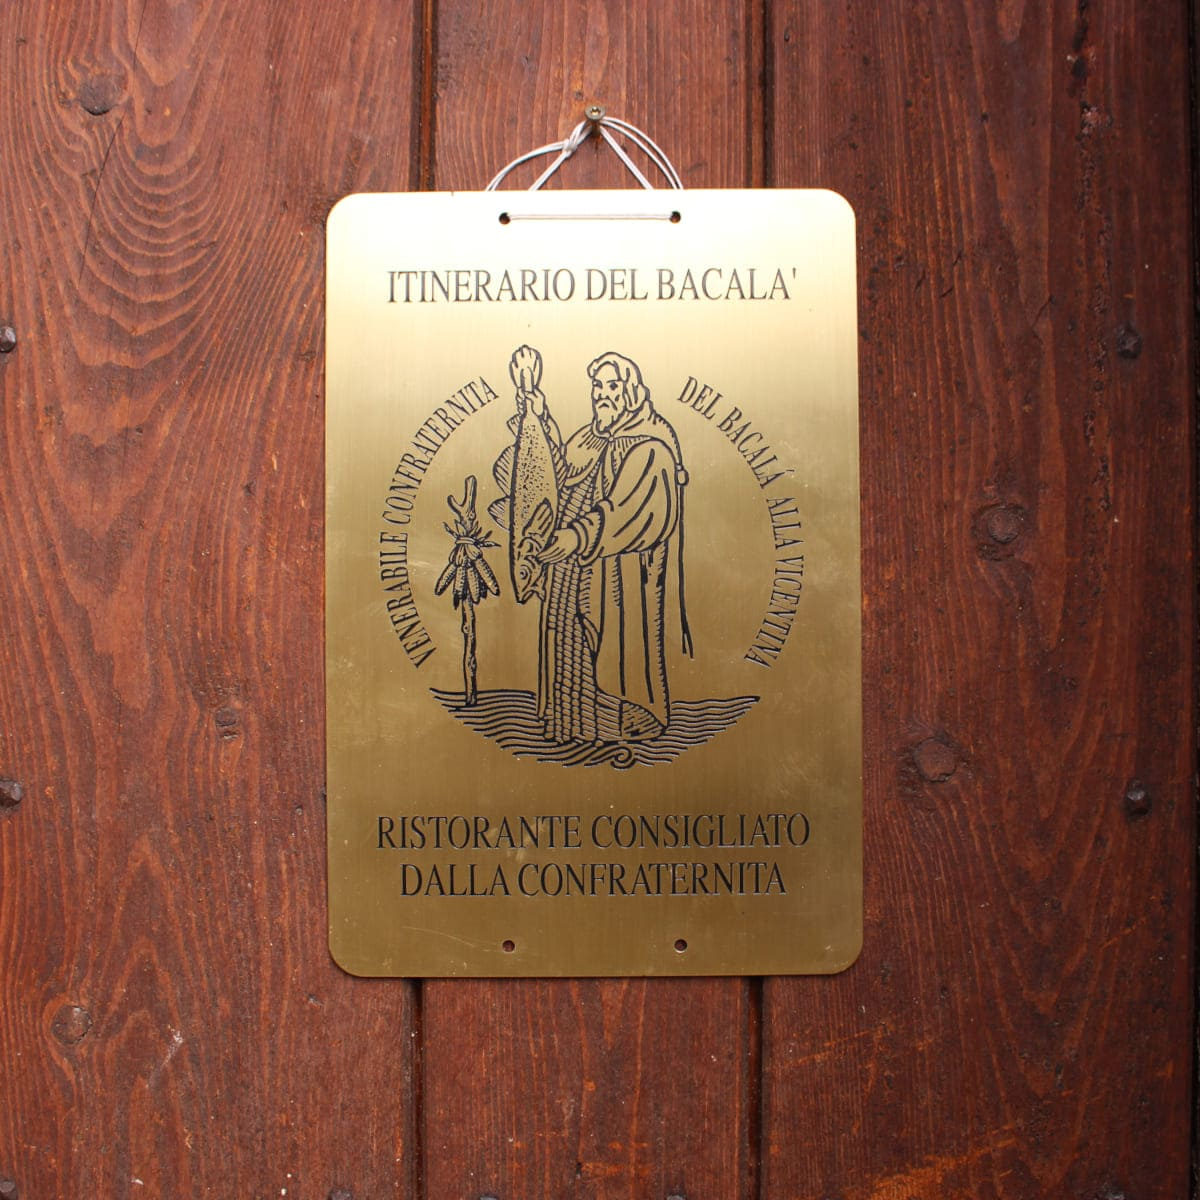 La targa della Confraternita del Bacalà alla Vicentina di Sandrigo